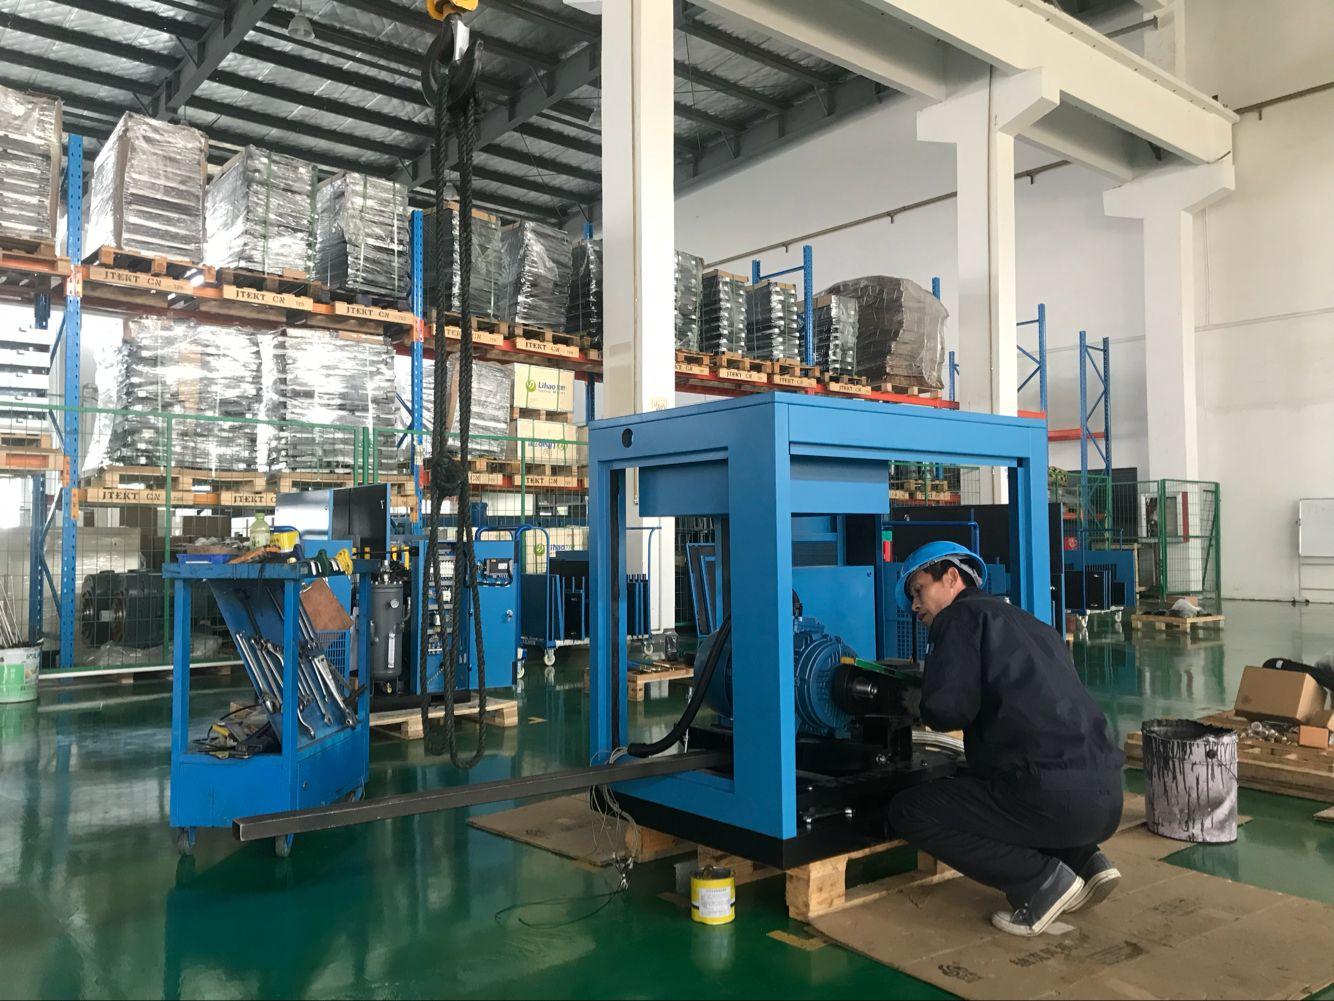 螺桿空壓機系統常見問題及處理措施